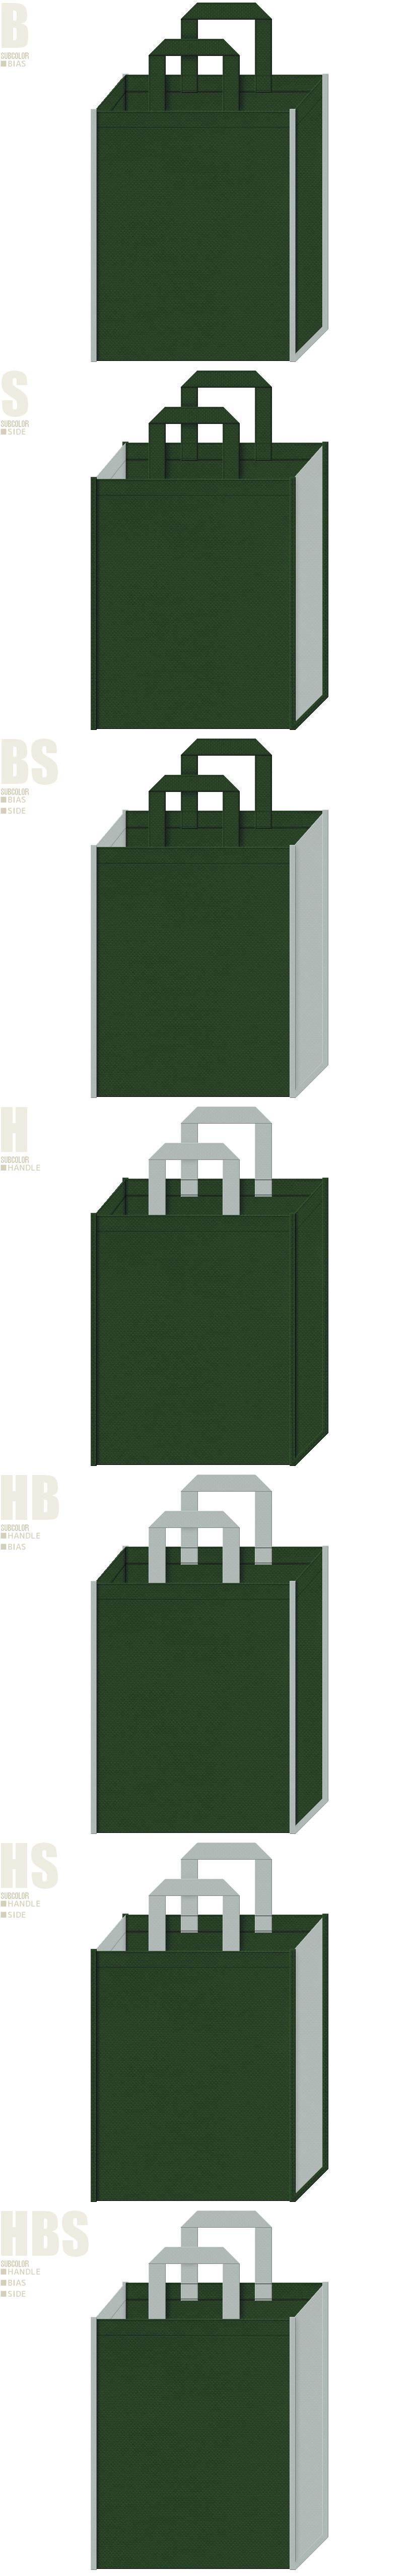 緑化地域・緑化イベント・緑化ブロック・CO2削減・屋上緑化・壁面緑化・建築・設計・エクステリアの展示会用バッグにお奨めの不織布バッグデザイン:濃緑色とグレー色の配色7パターン